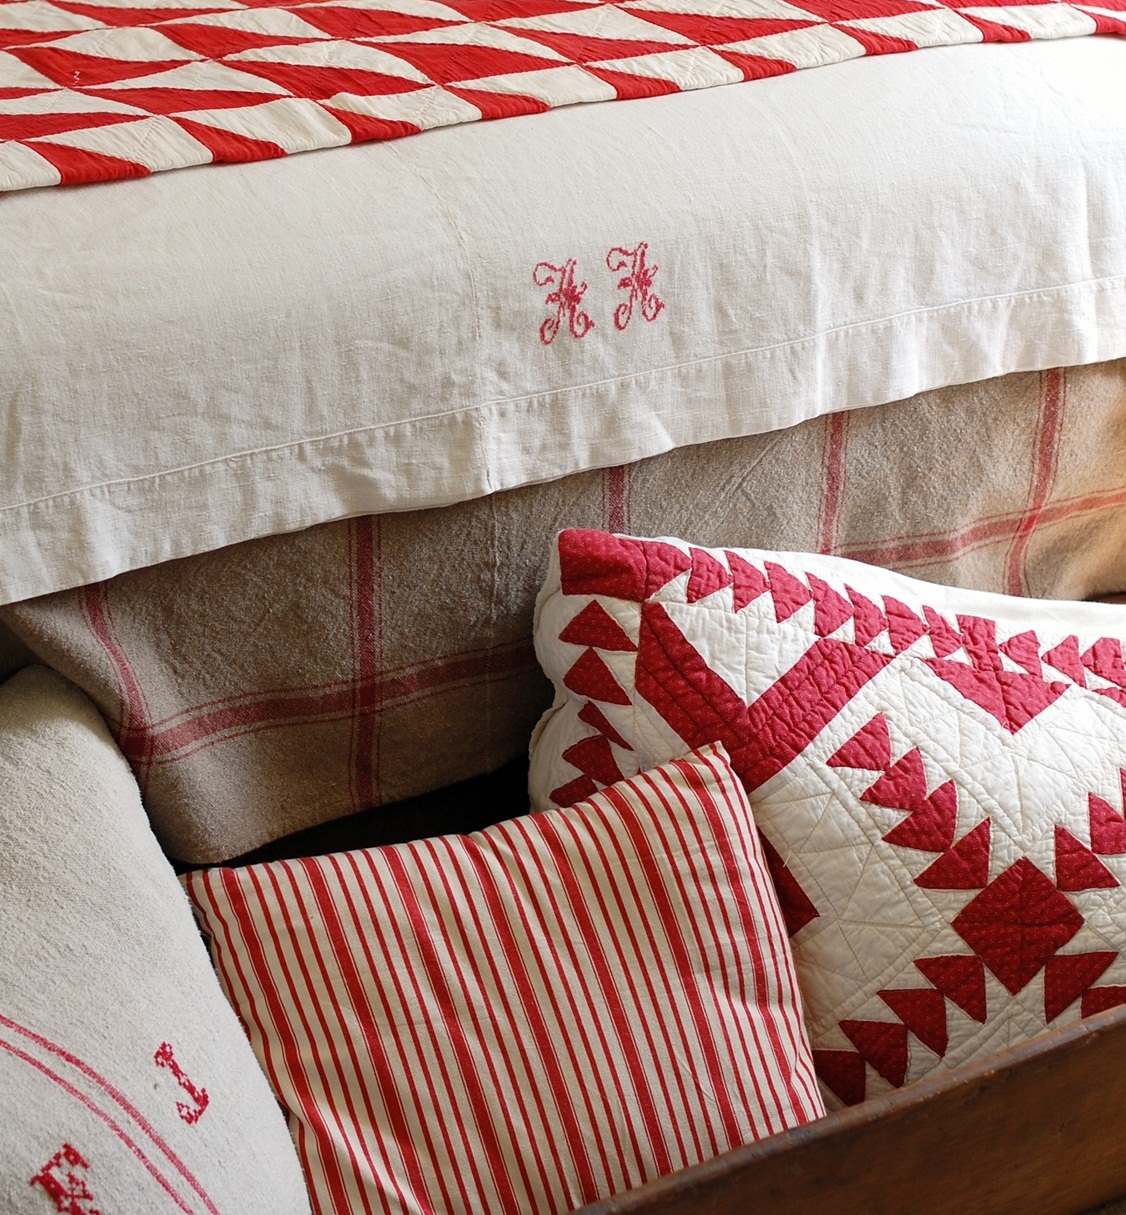 4 Foot Wide Bed Linen